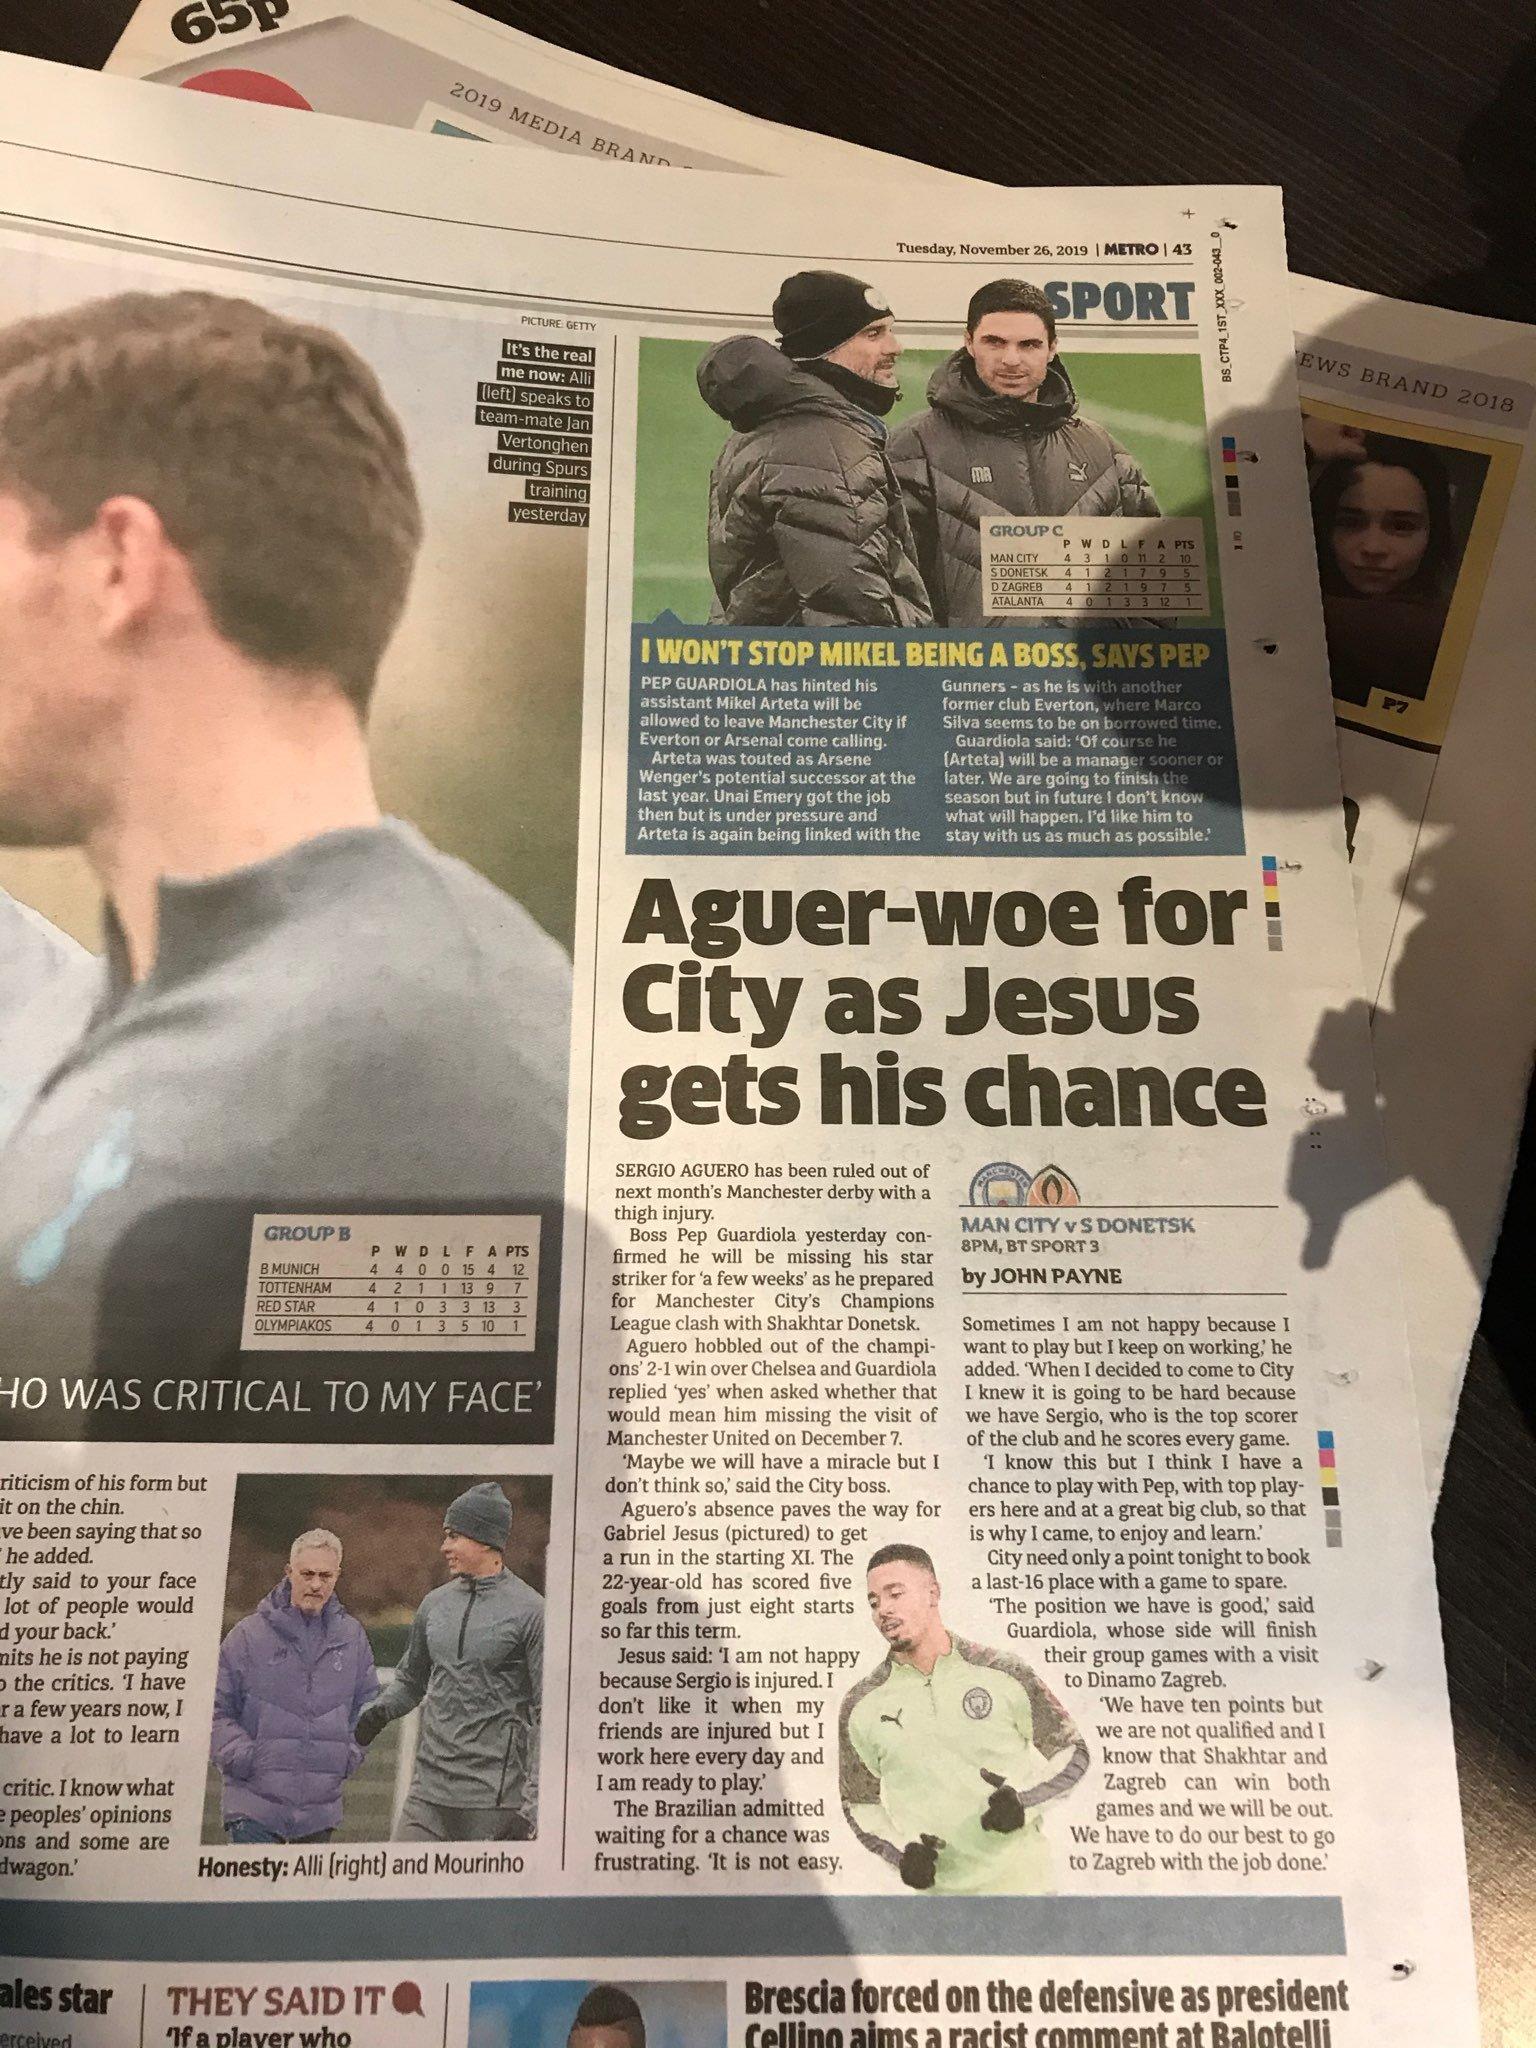 """В тени у """"особенного"""": матч """"Манчестер Сити"""" - """"Шахтер"""" английская пресса почти не заметила (+ Фото) - изображение 2"""